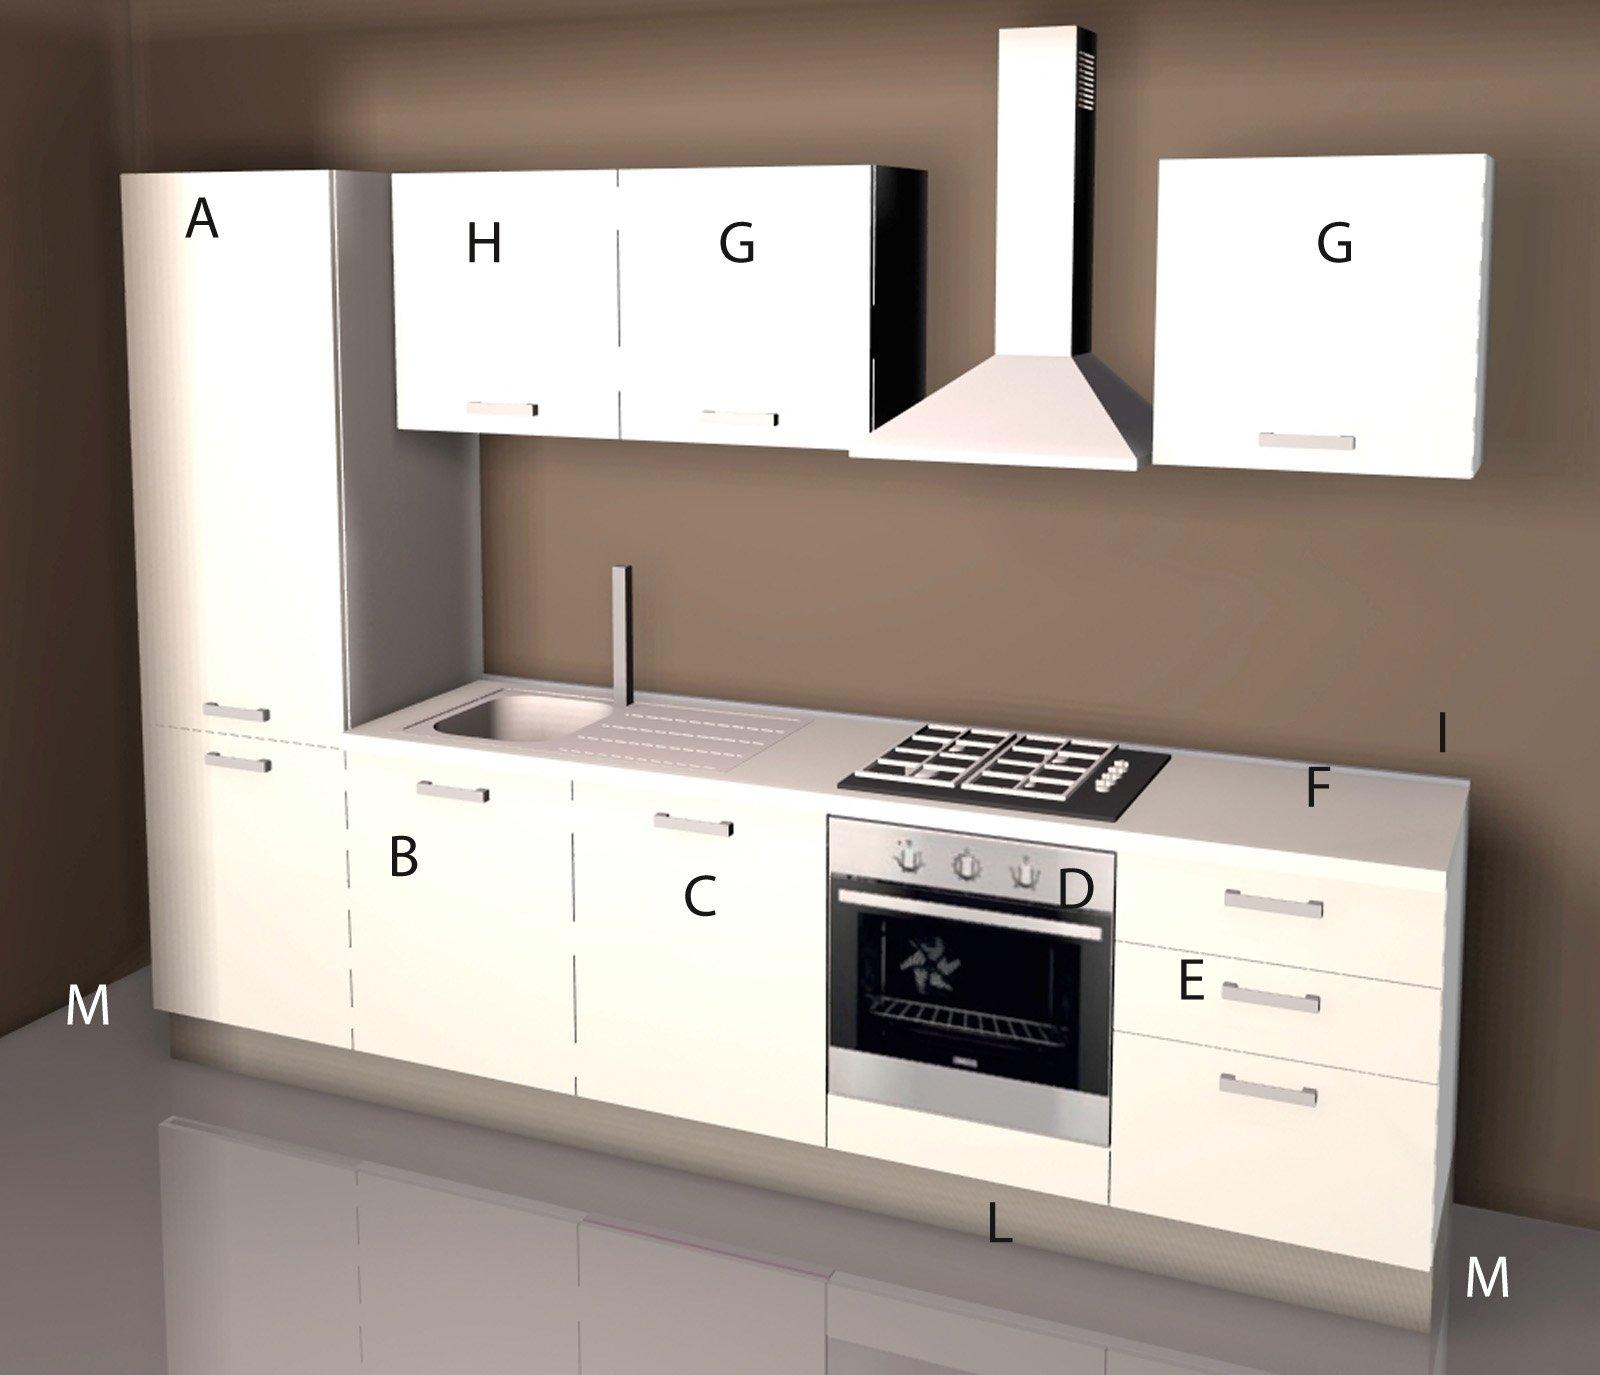 Pin Le Cucine Febal Primavera E Kelly Nuovo Lusso Accessibile Ed On  #906E3B 1600 1375 Veneta Cucine O Ikea